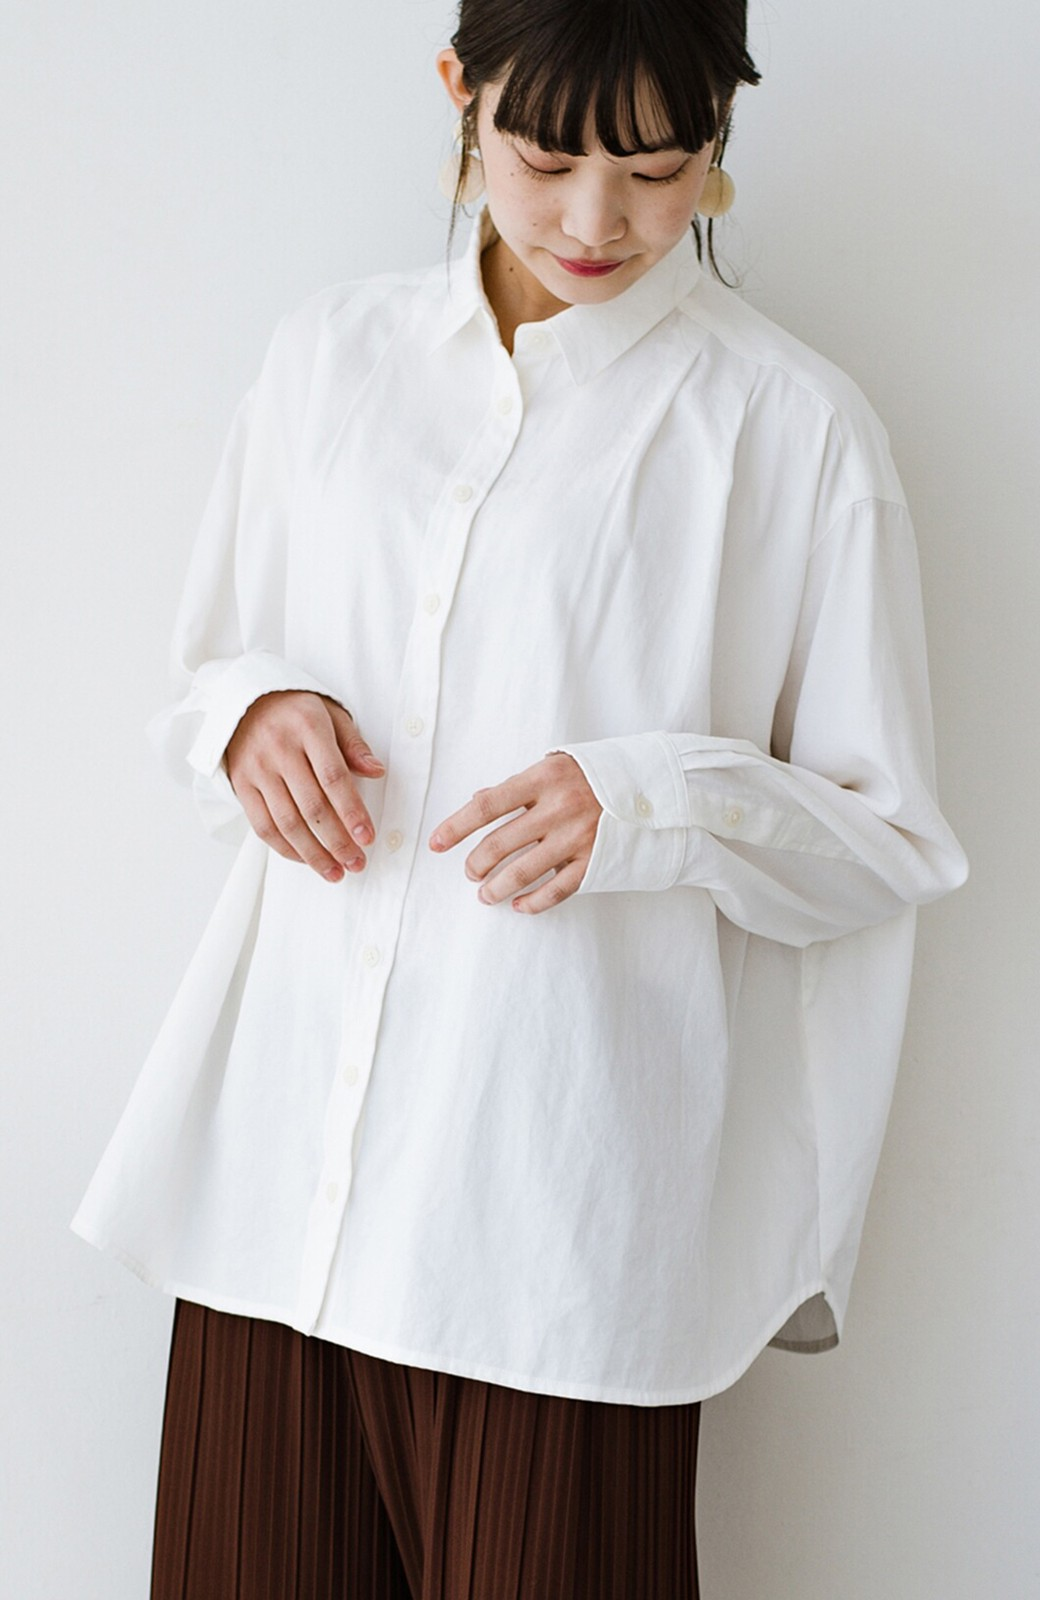 haco! ニットとのこなれた重ね着が簡単にできる!なめらか素材でつくった大人のためのシンプルシャツ <ホワイト>の商品写真5